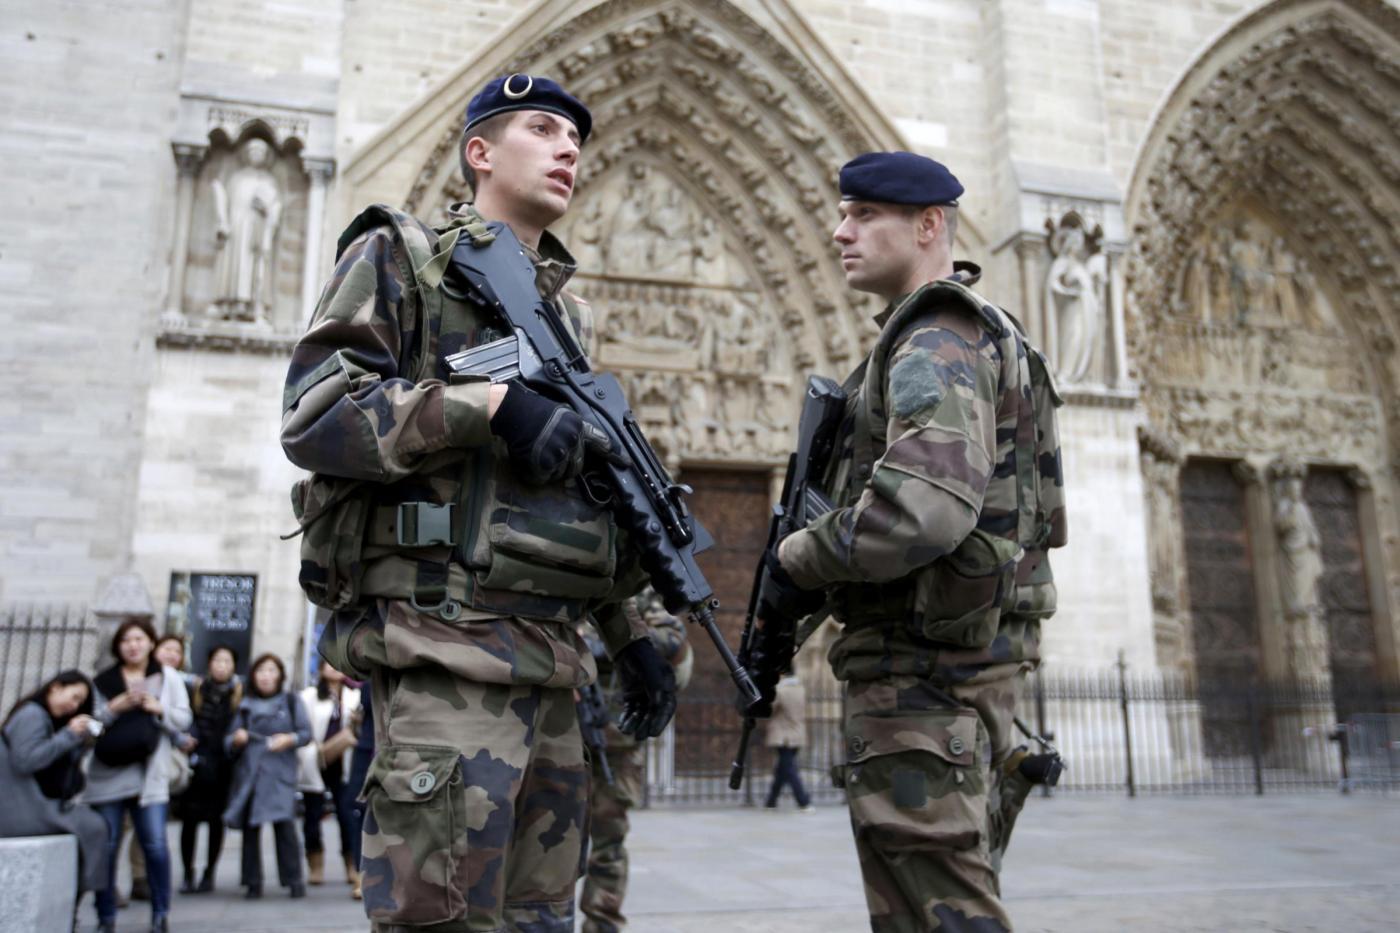 Soldati con mitra e giubbotto antiproiettile sorvegliano Parigi